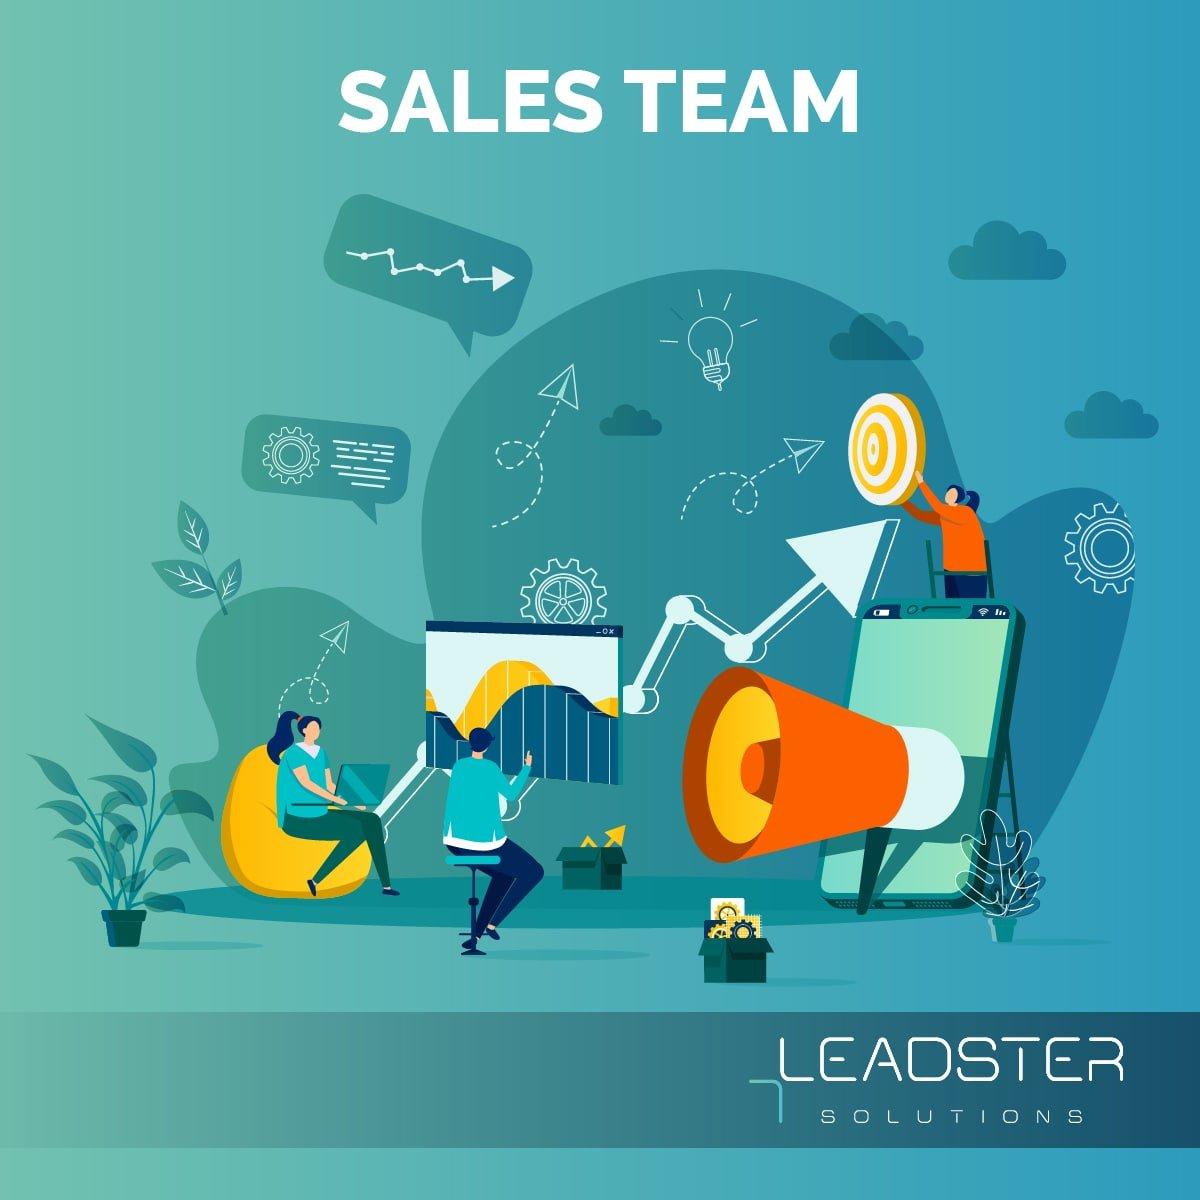 Leadster Sales Team